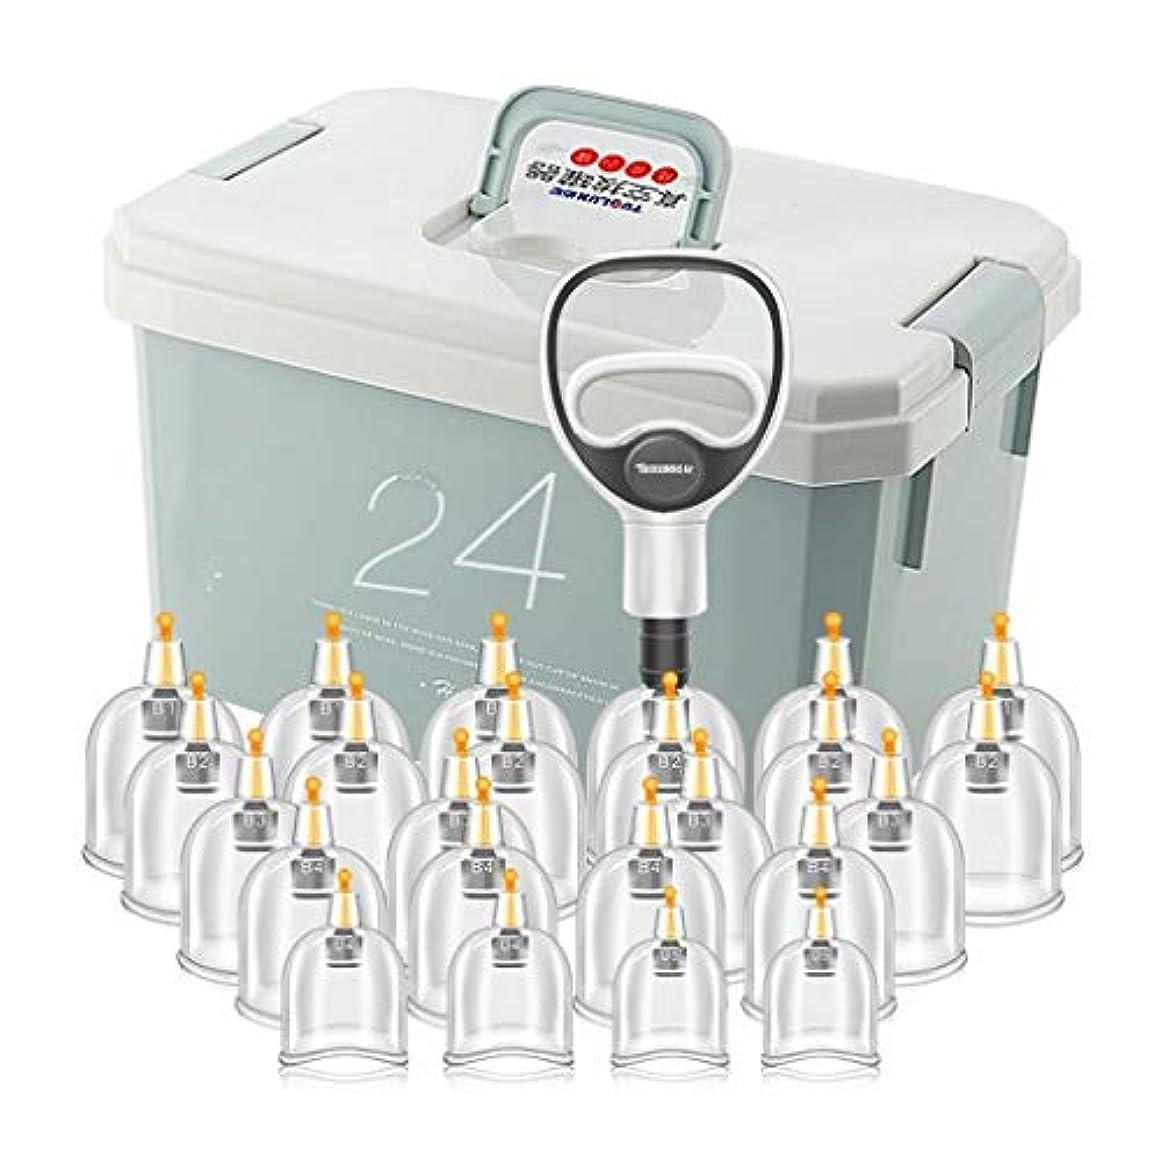 ふつうやさしい眠り医学ボックスストレージギフトボックスをポンピングポンピングハンドル24個のカップバキュームを持つプロのカッピング治療装置の設定